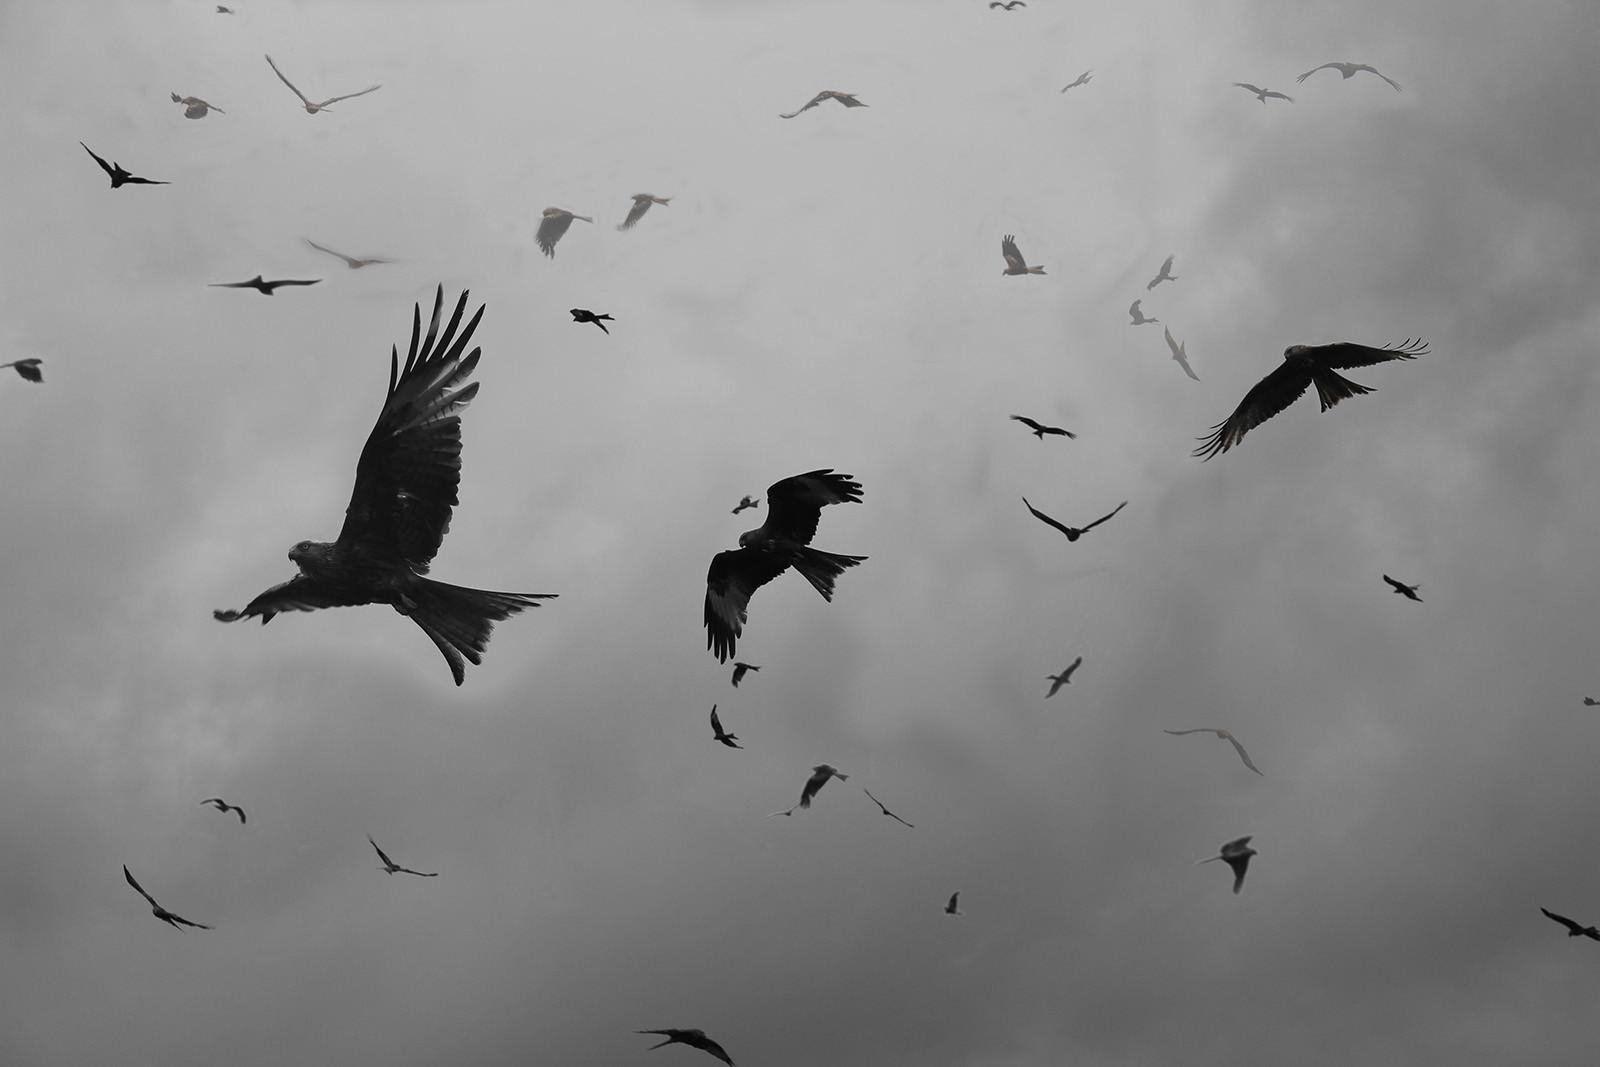 MONO - The Birds - Daphne du Maurier by Jennifer James (10.5 marks)